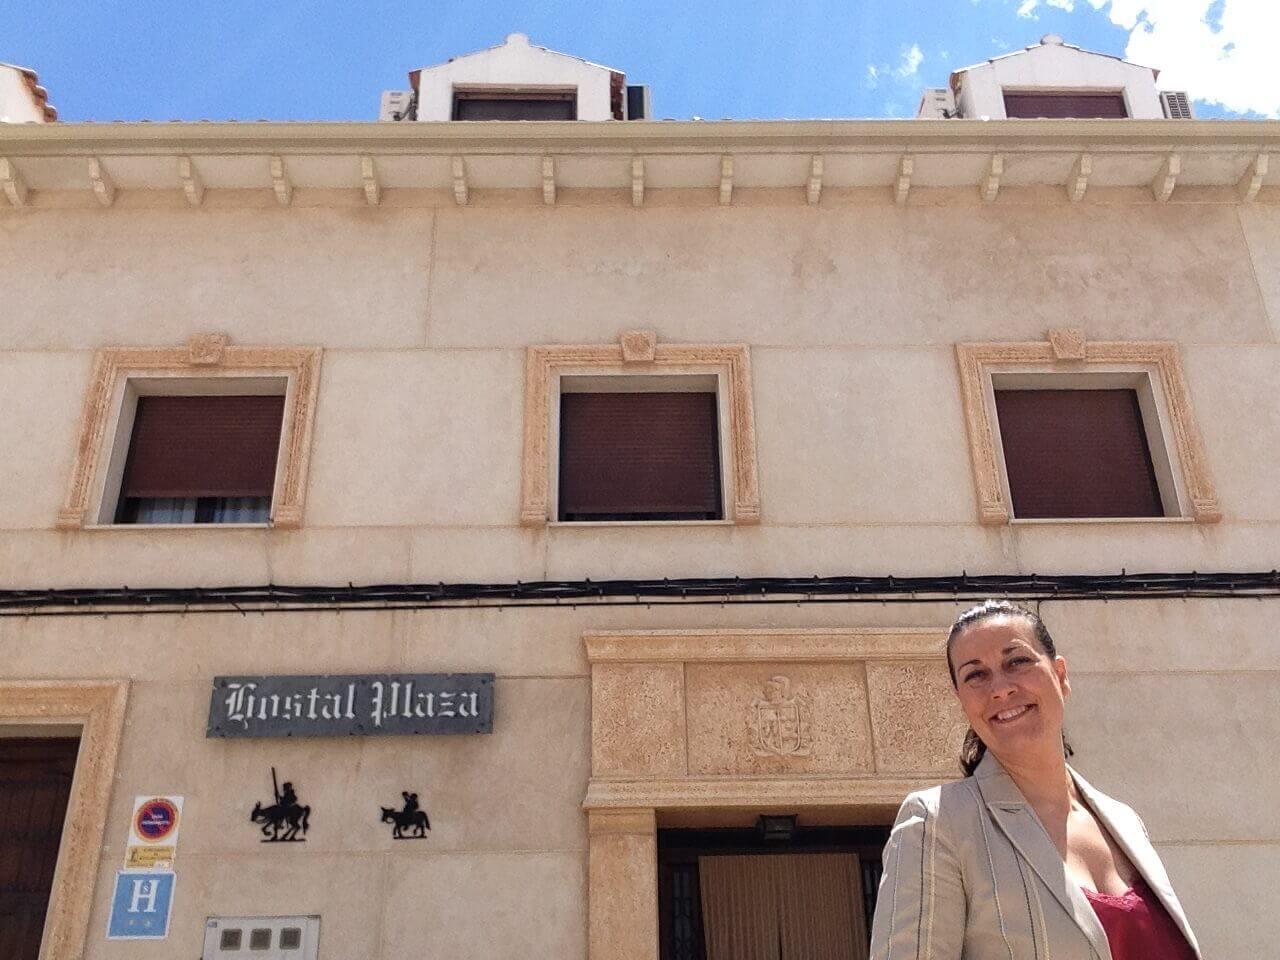 Alojamiento rural en la mancha HOSTAL RURAL PLAZA en Mota del Cuervo (CU) CEO dirección gerencia negocio familiar hotel con encanto desde 1868